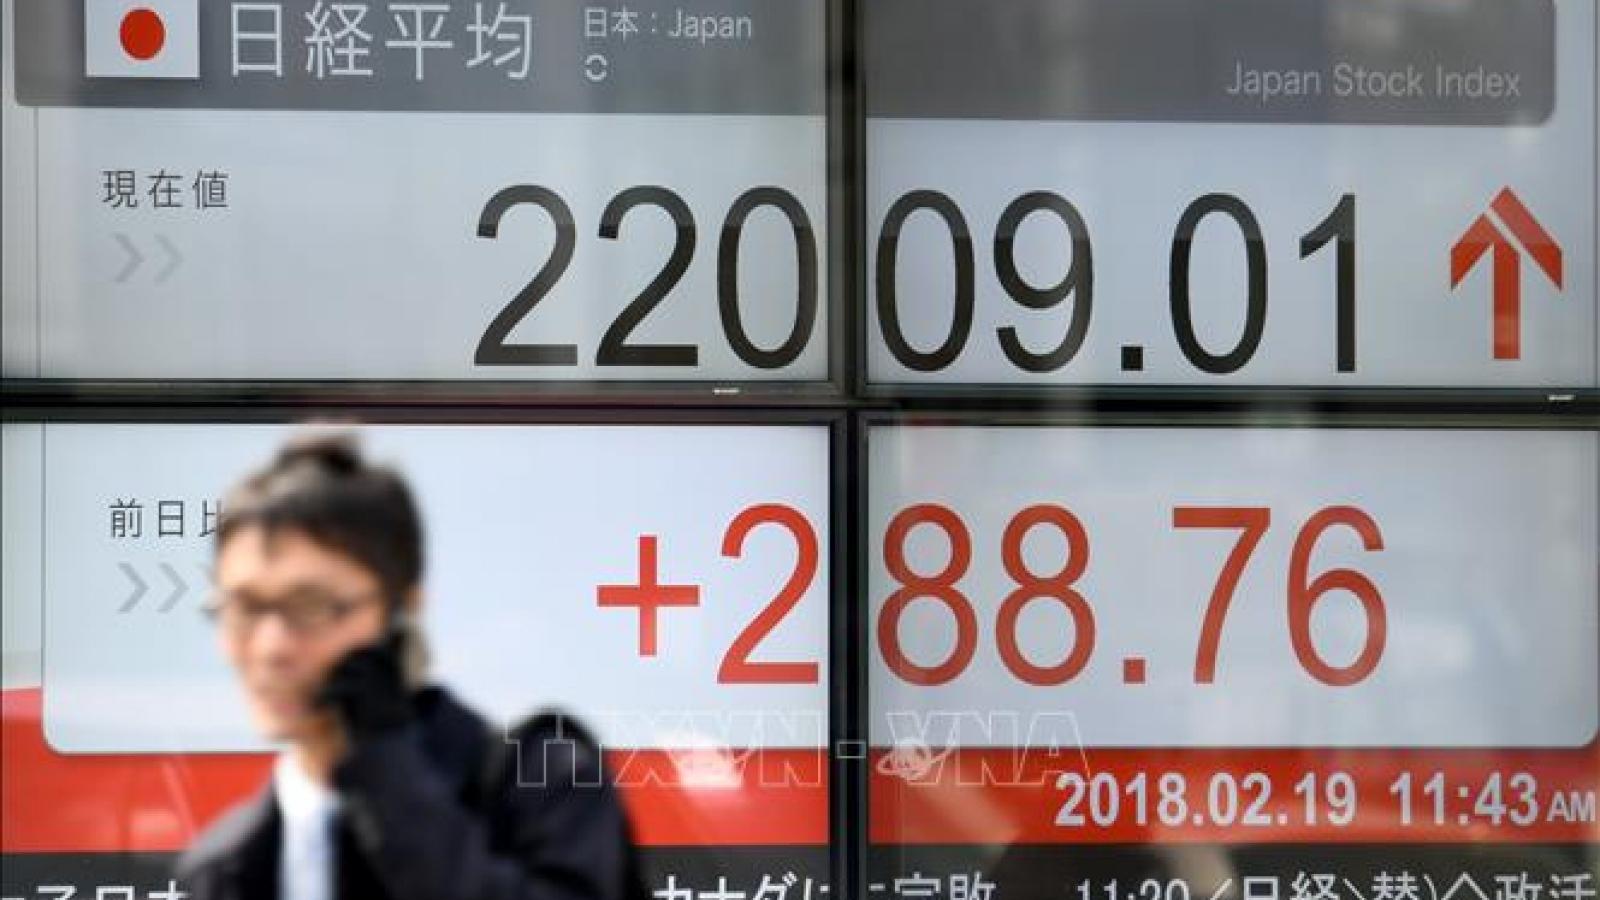 Hậu bầu cử Mỹ: Chứng khoán Nhật Bản tăng điểm